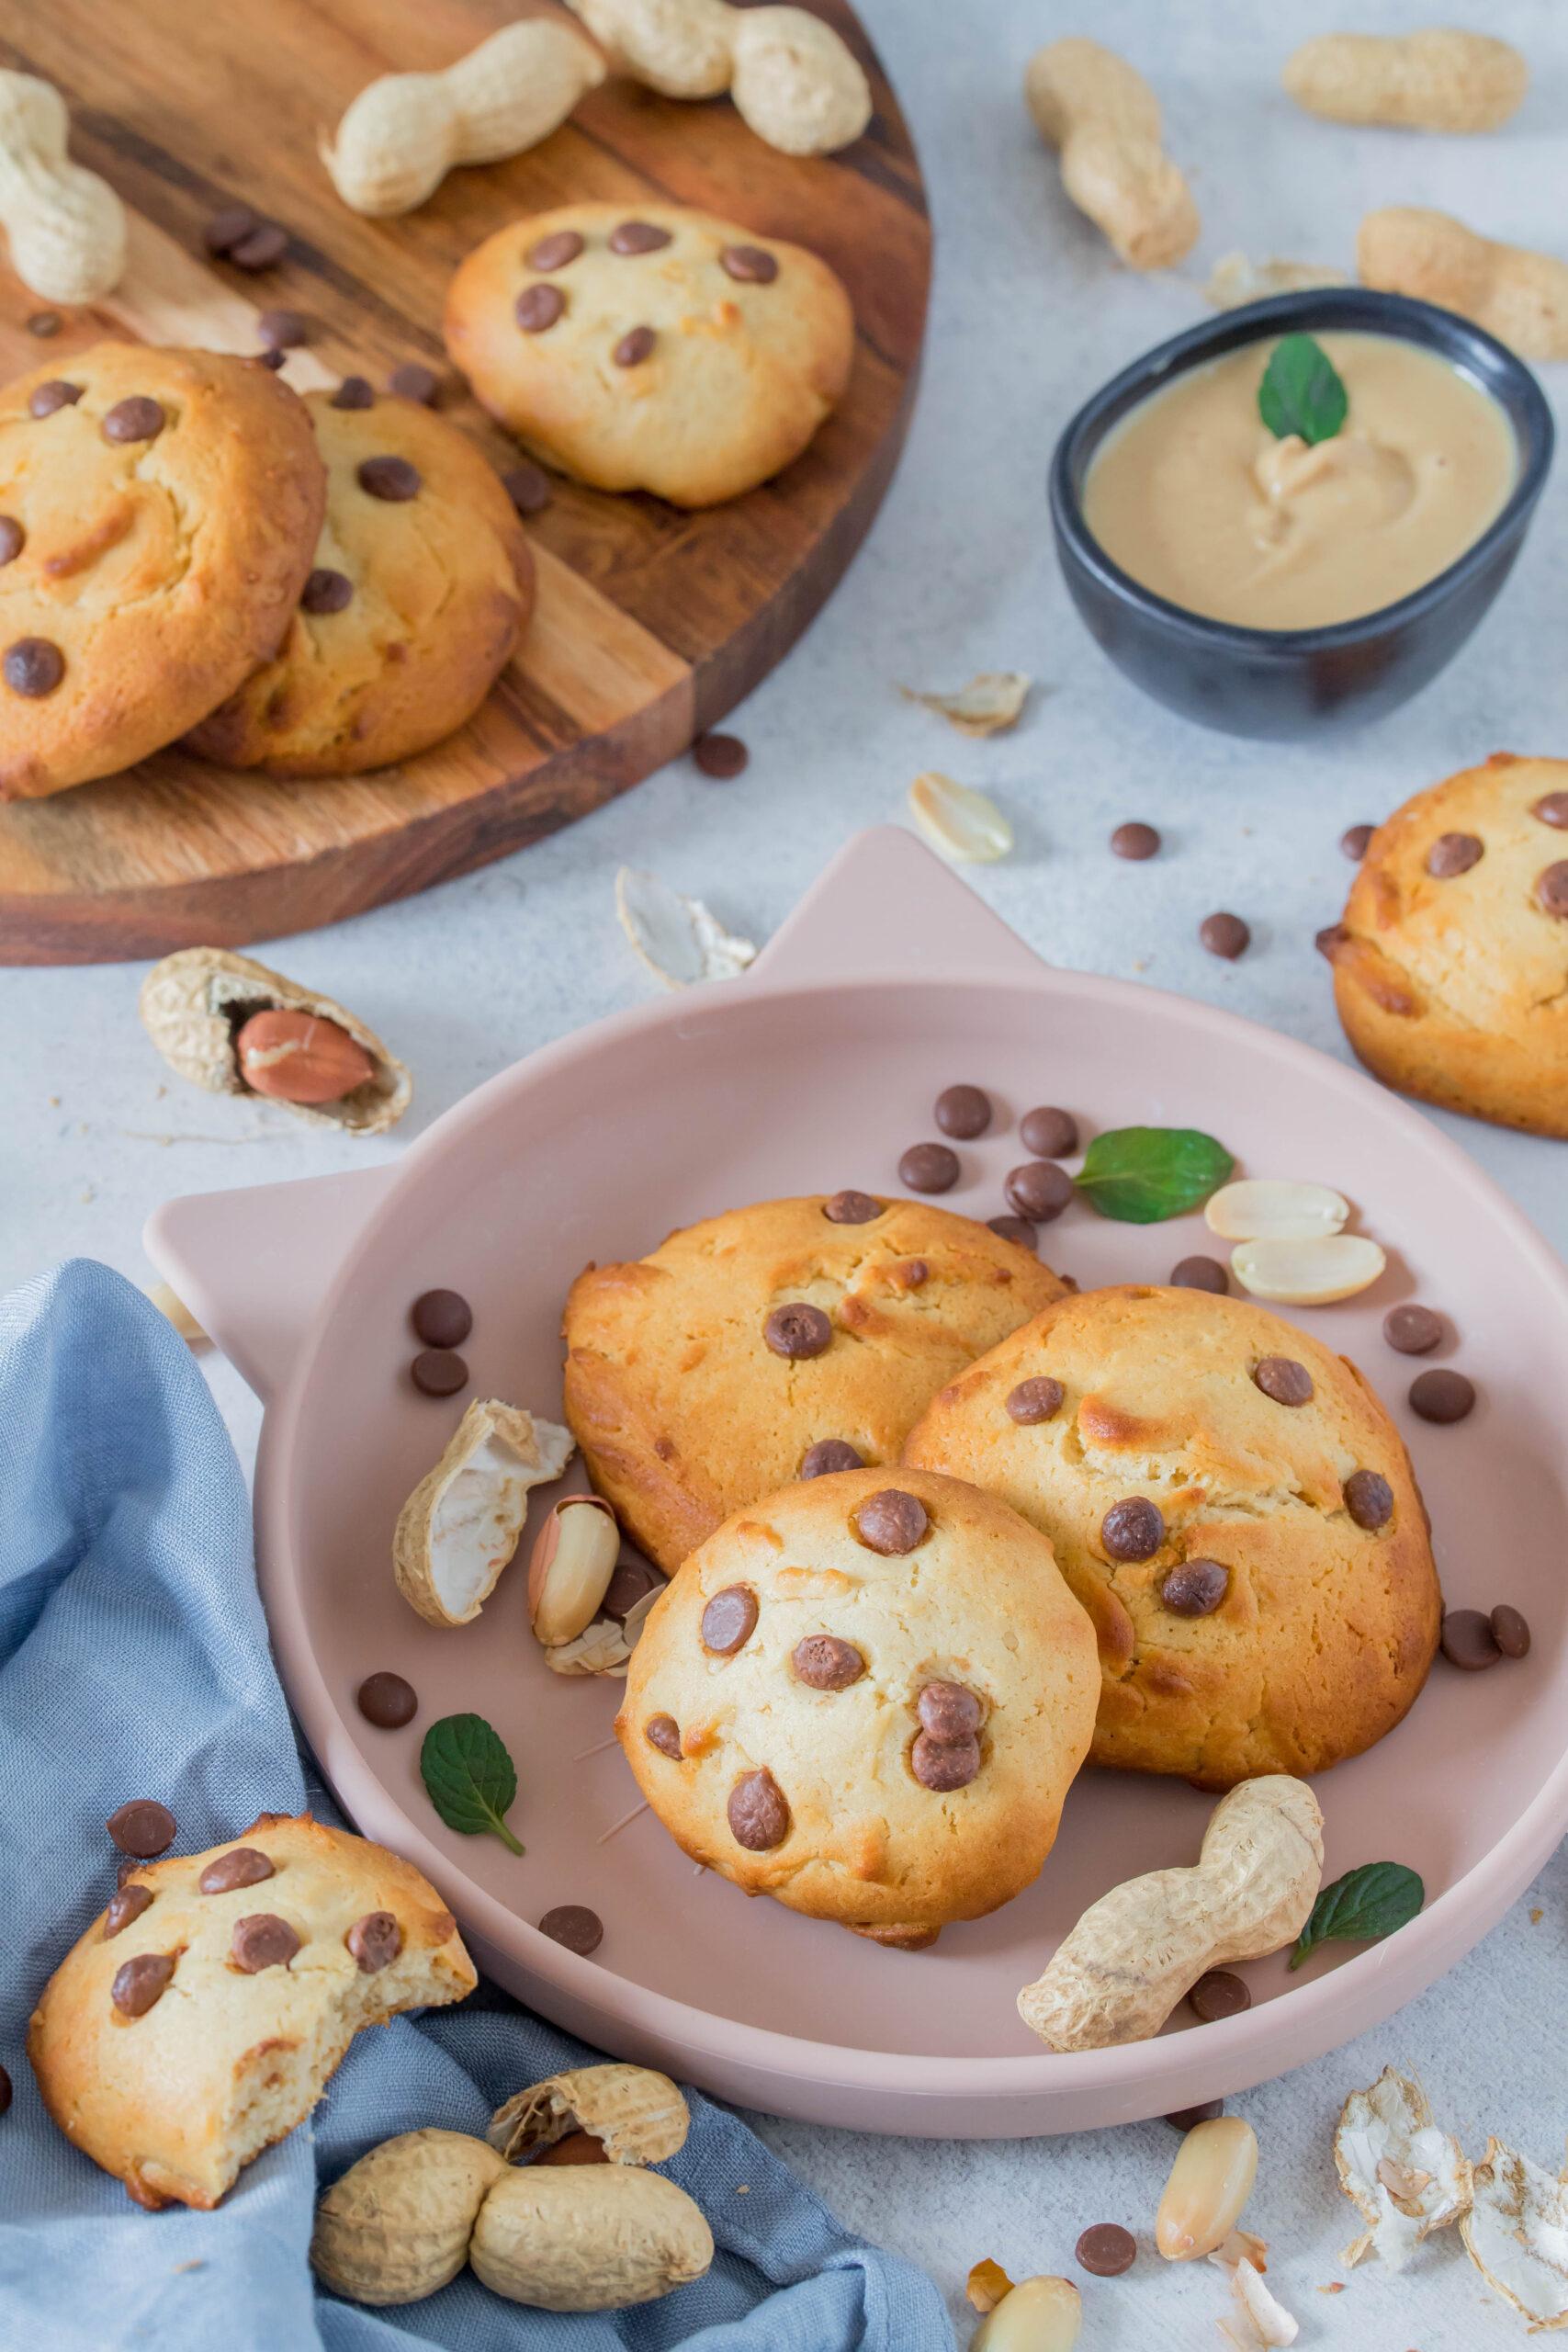 Schnelle, einfache Cookies mit Erdnussmus. Super lecker - schmecken der ganzen Familie.